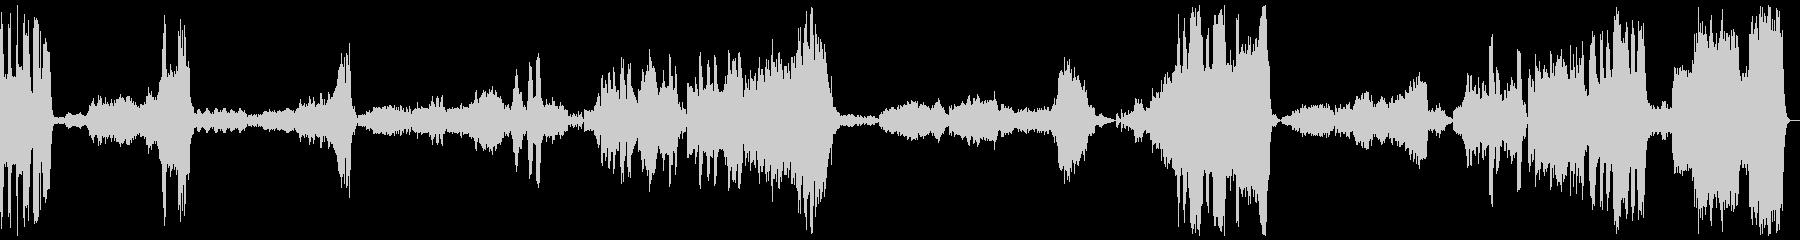 『こうもり』 序曲の未再生の波形